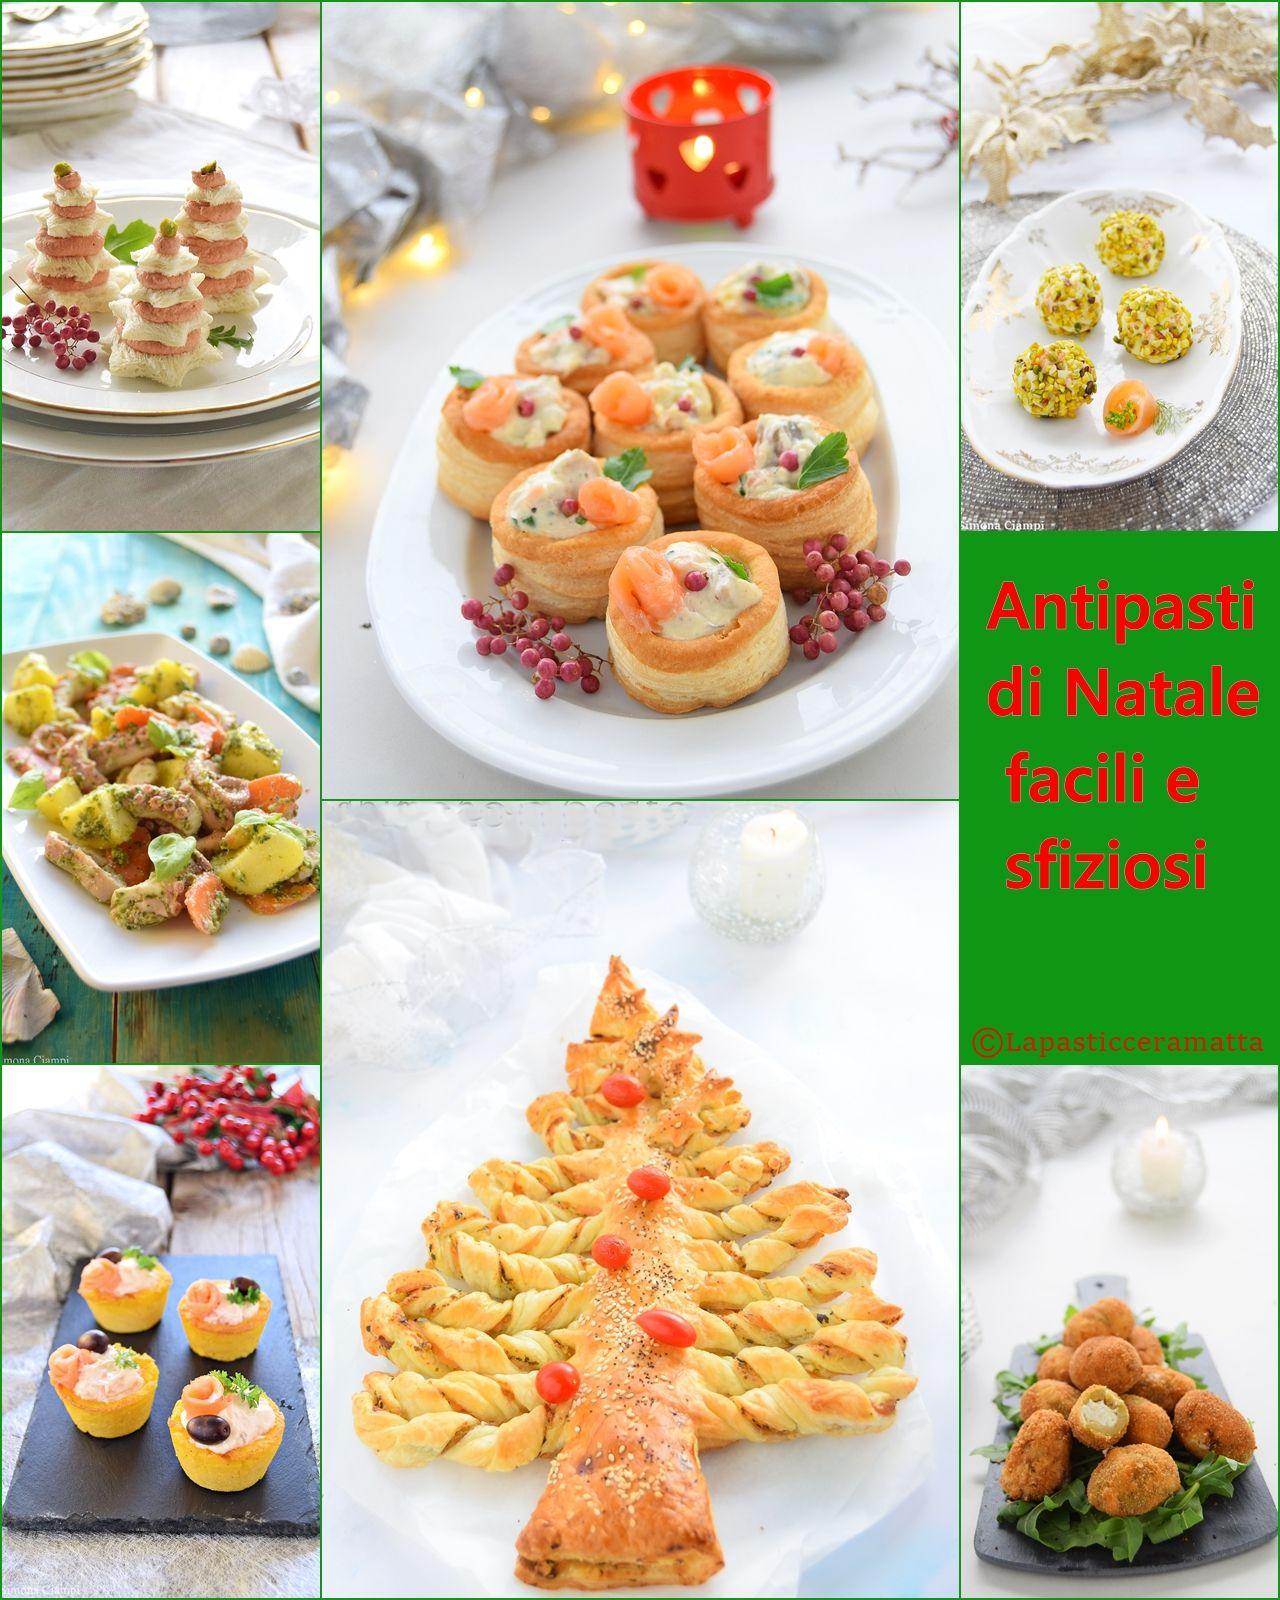 Antipasti Di Natale Semplici E Sfiziosi.Antipasti Di Natale Facili E Sfiziosi Christmas Food Antipasto